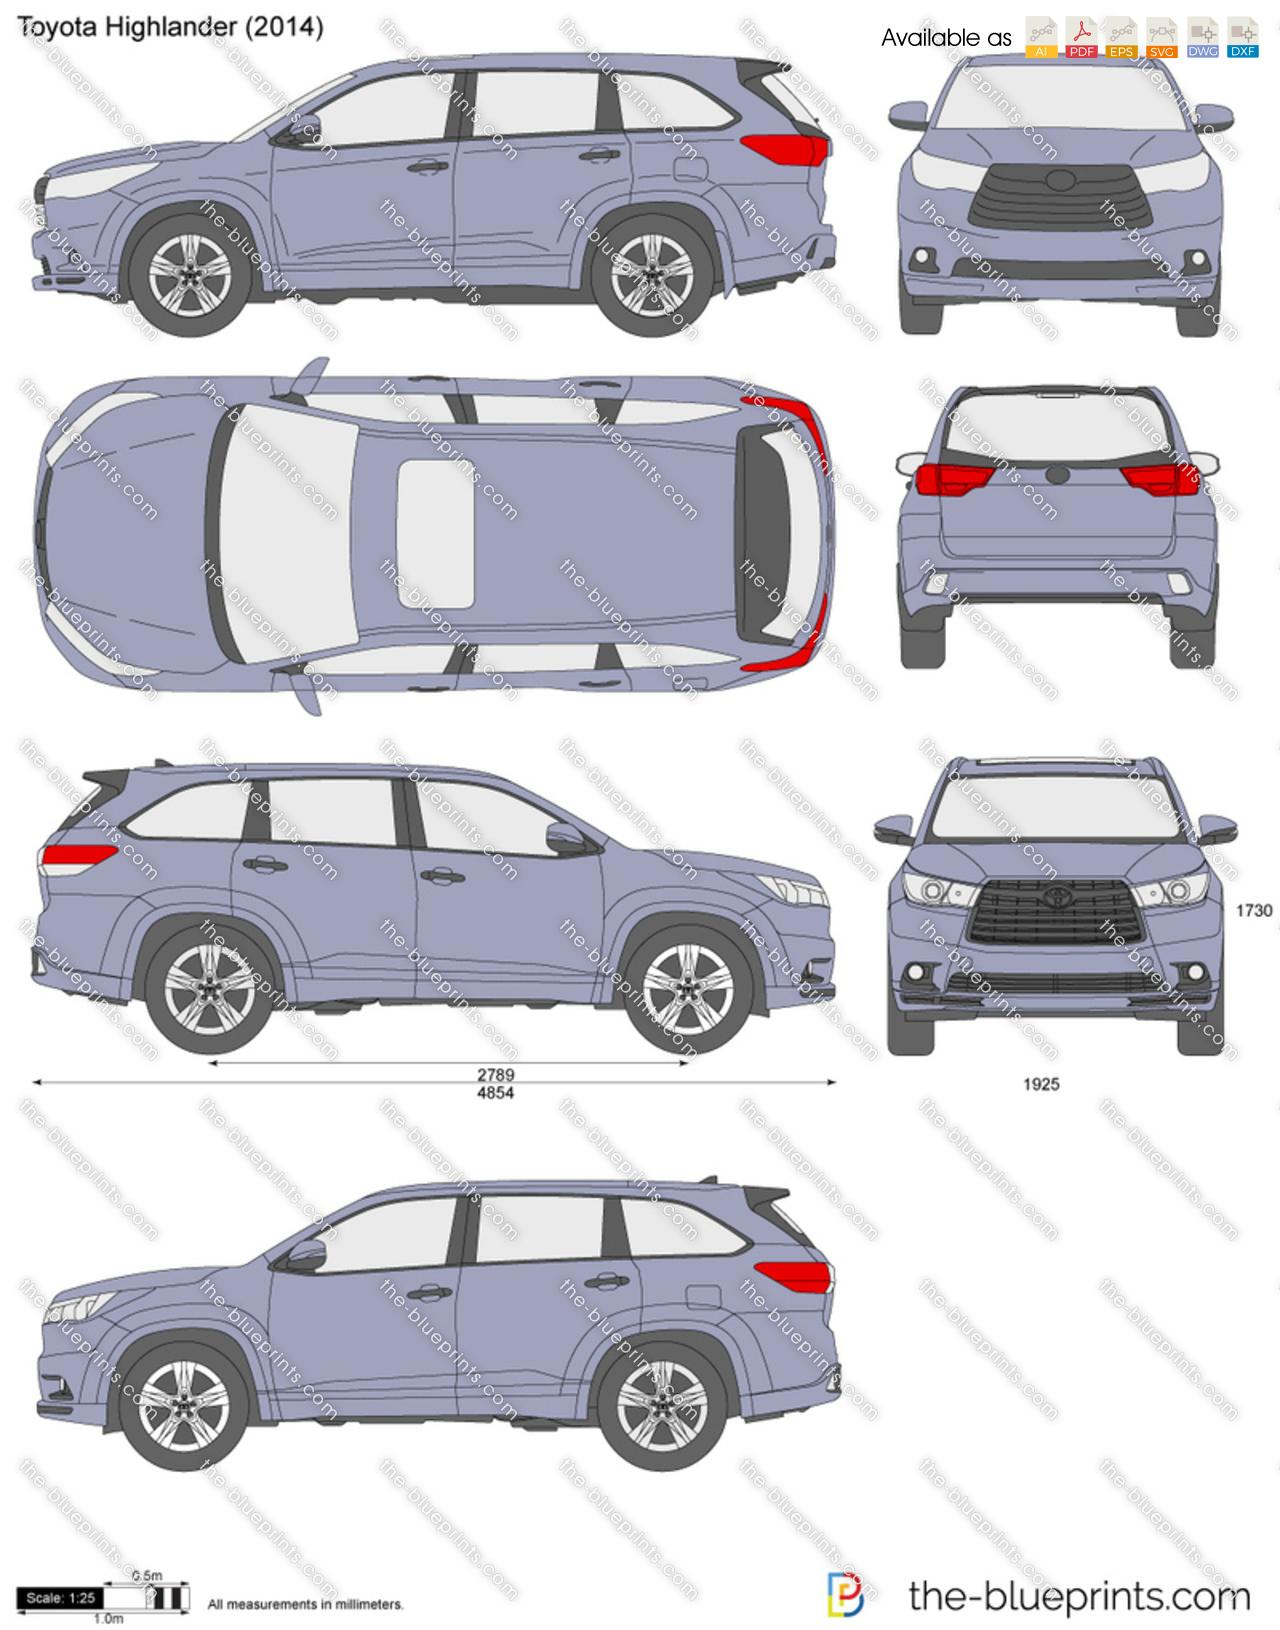 2013 Toyota Highlander For Sale >> Toyota Highlander vector drawing